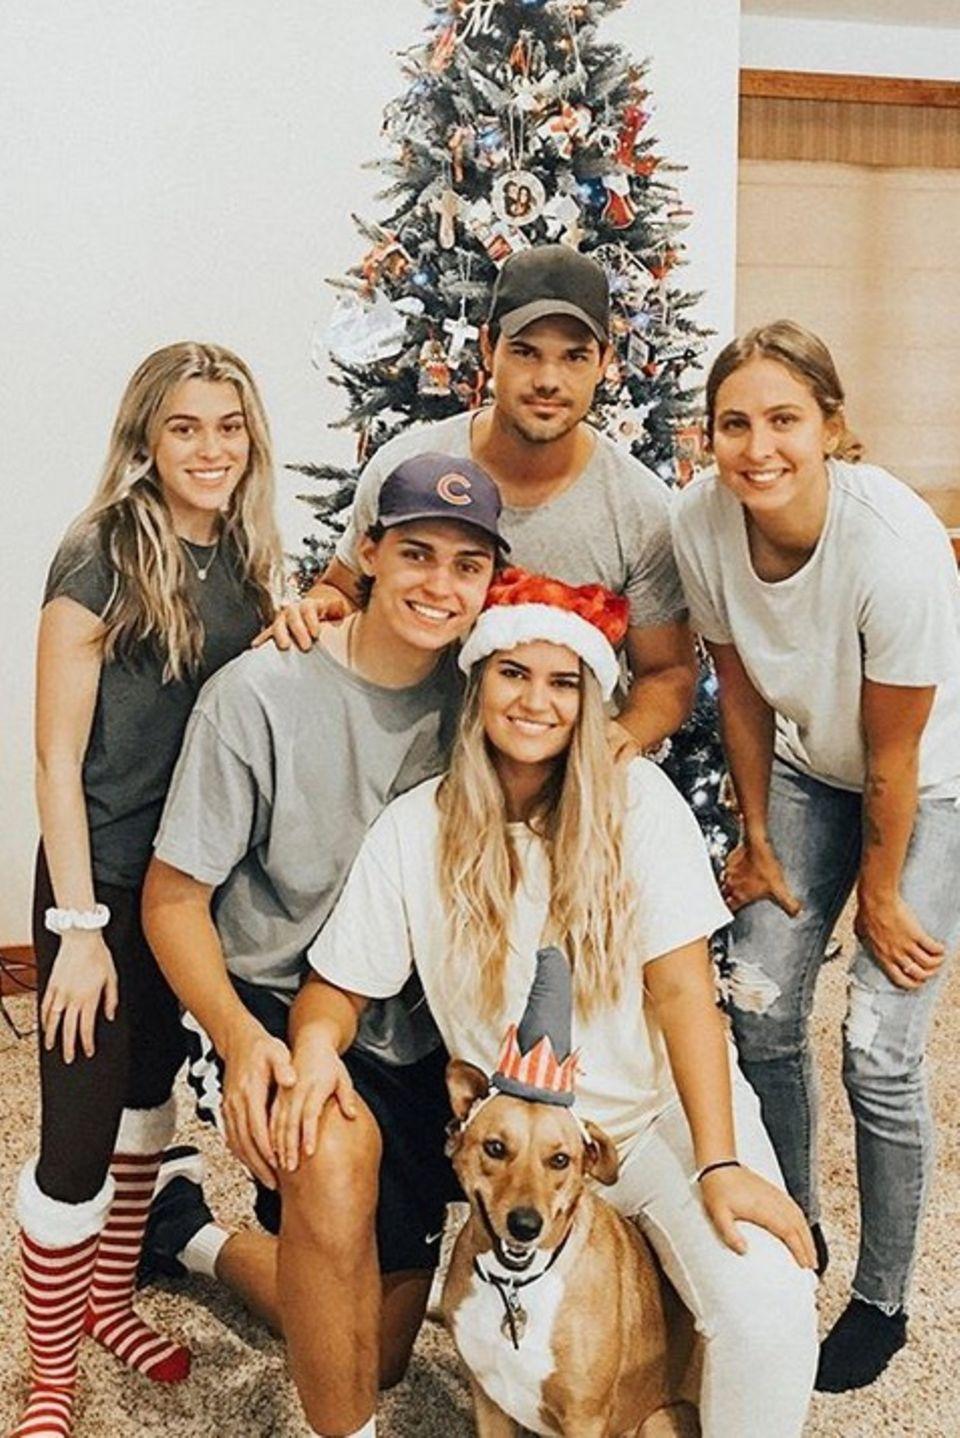 Taylor Lautners Familie posiert vor dem geschmückten Tannenbaum für die diesjährige Weihnachtskarte.